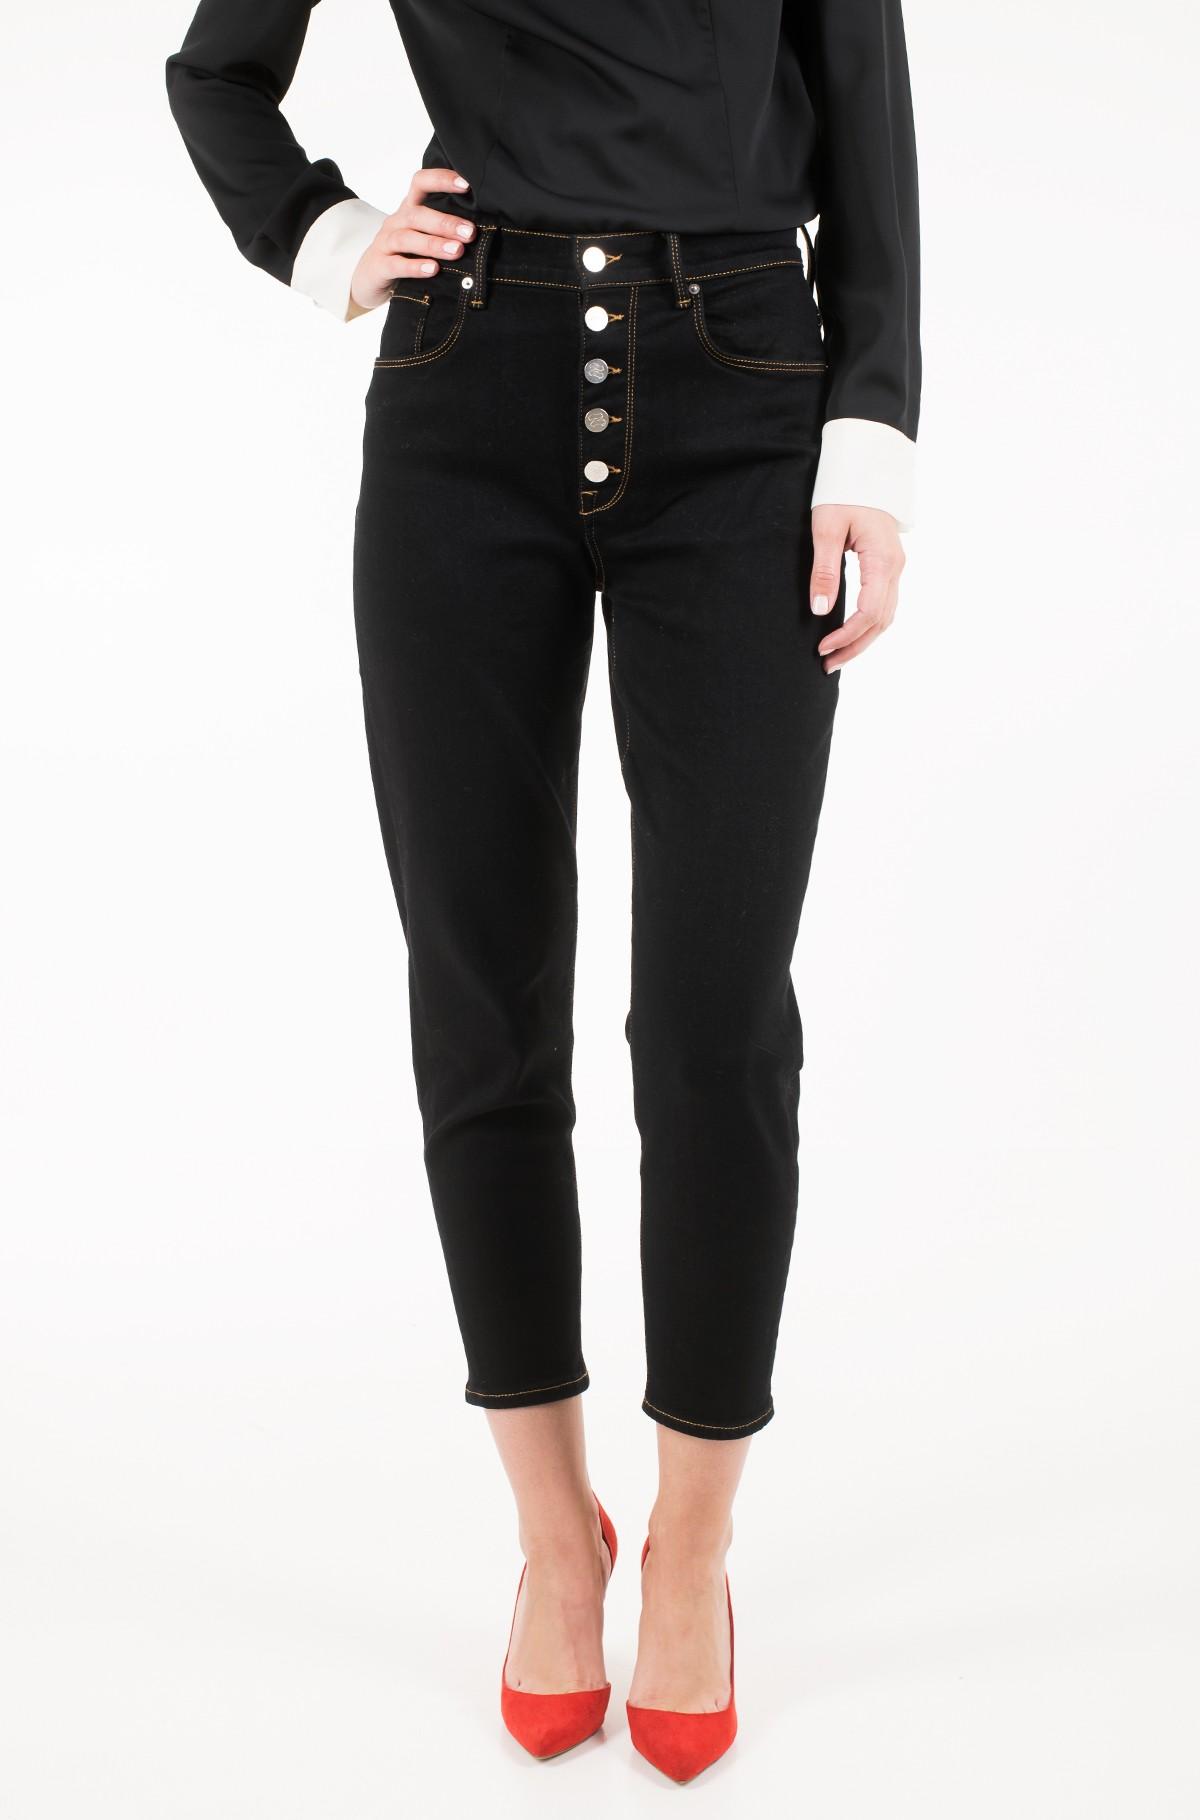 Jeans ZENDAYA HW SKINNY DENIM PANT-full-1